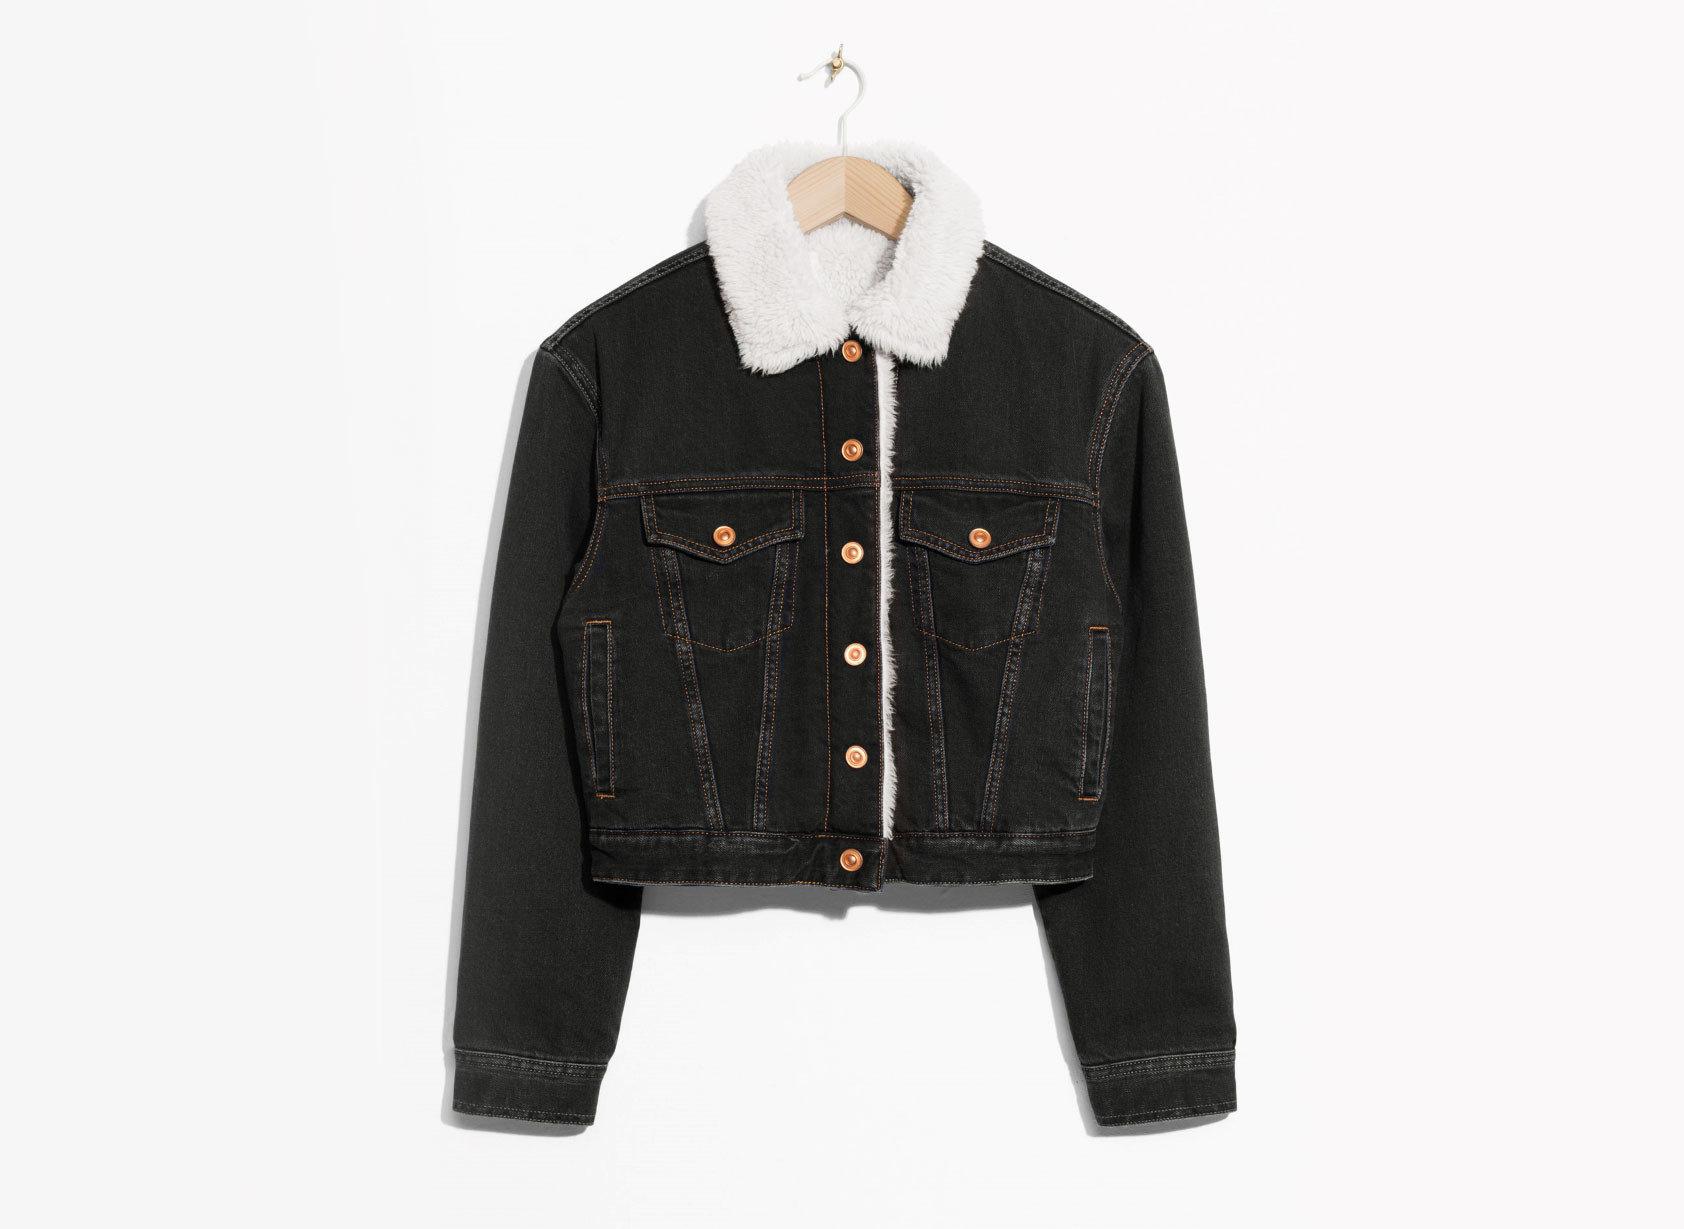 Style + Design Travel Shop clothing jacket suit wearing black leather jacket coat product denim leather sleeve fur dressed